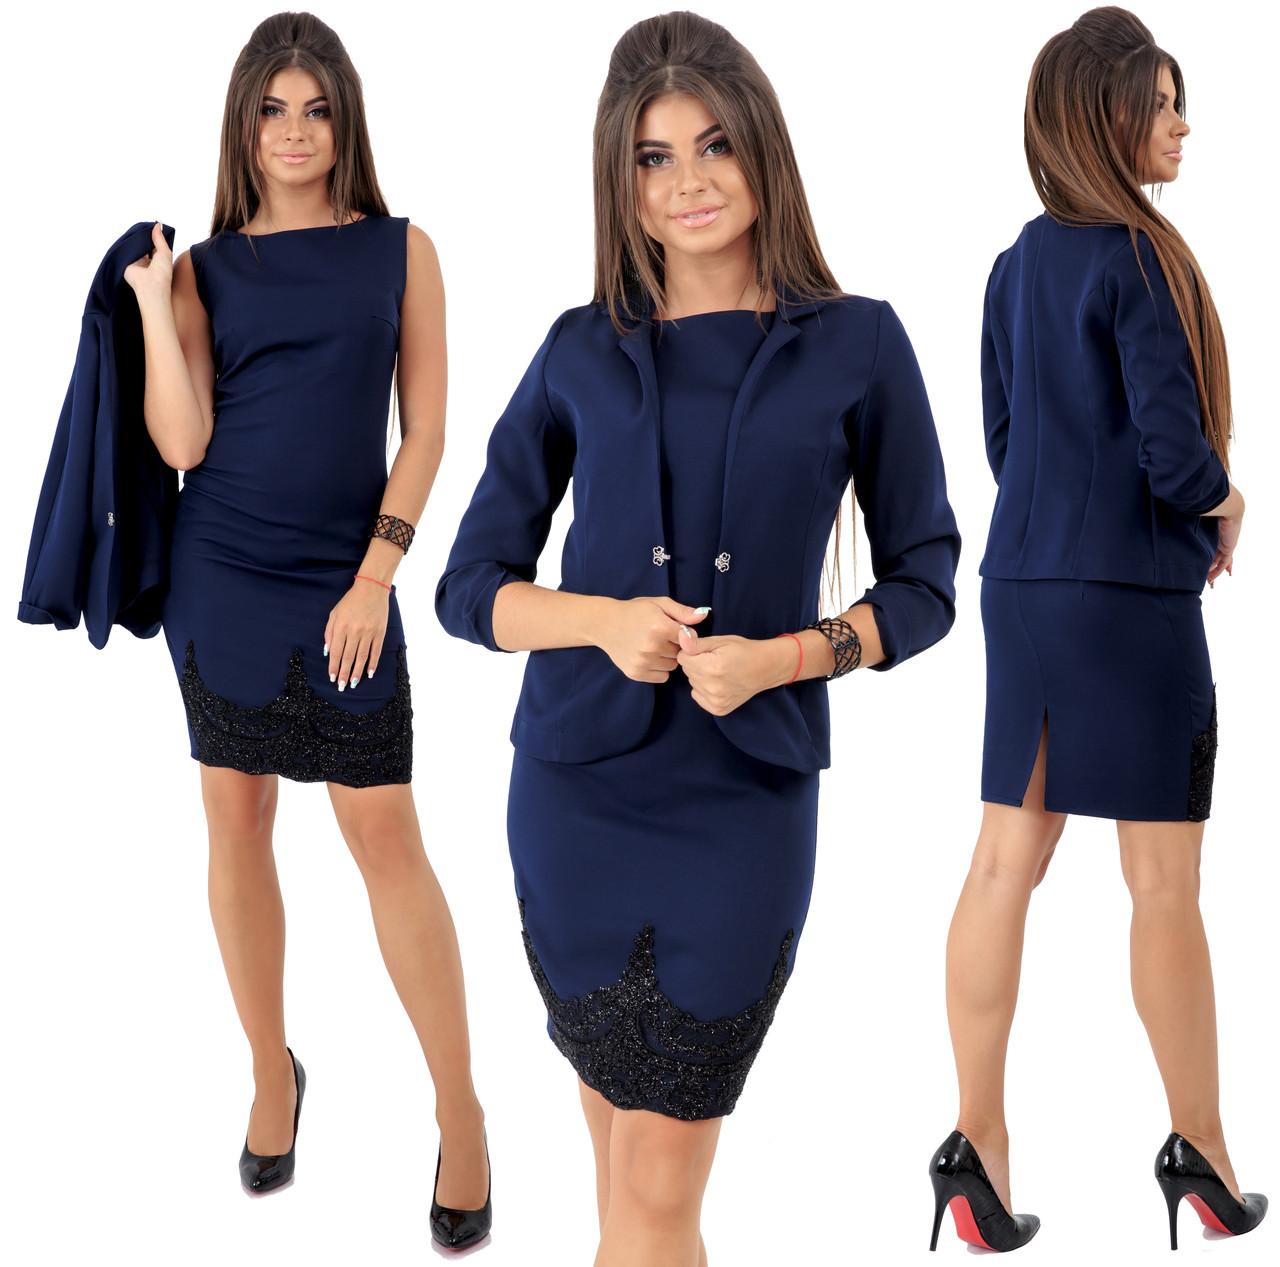 Платье с пиджаком  декорировано кружевом  / 4 цвета арт 6551-92